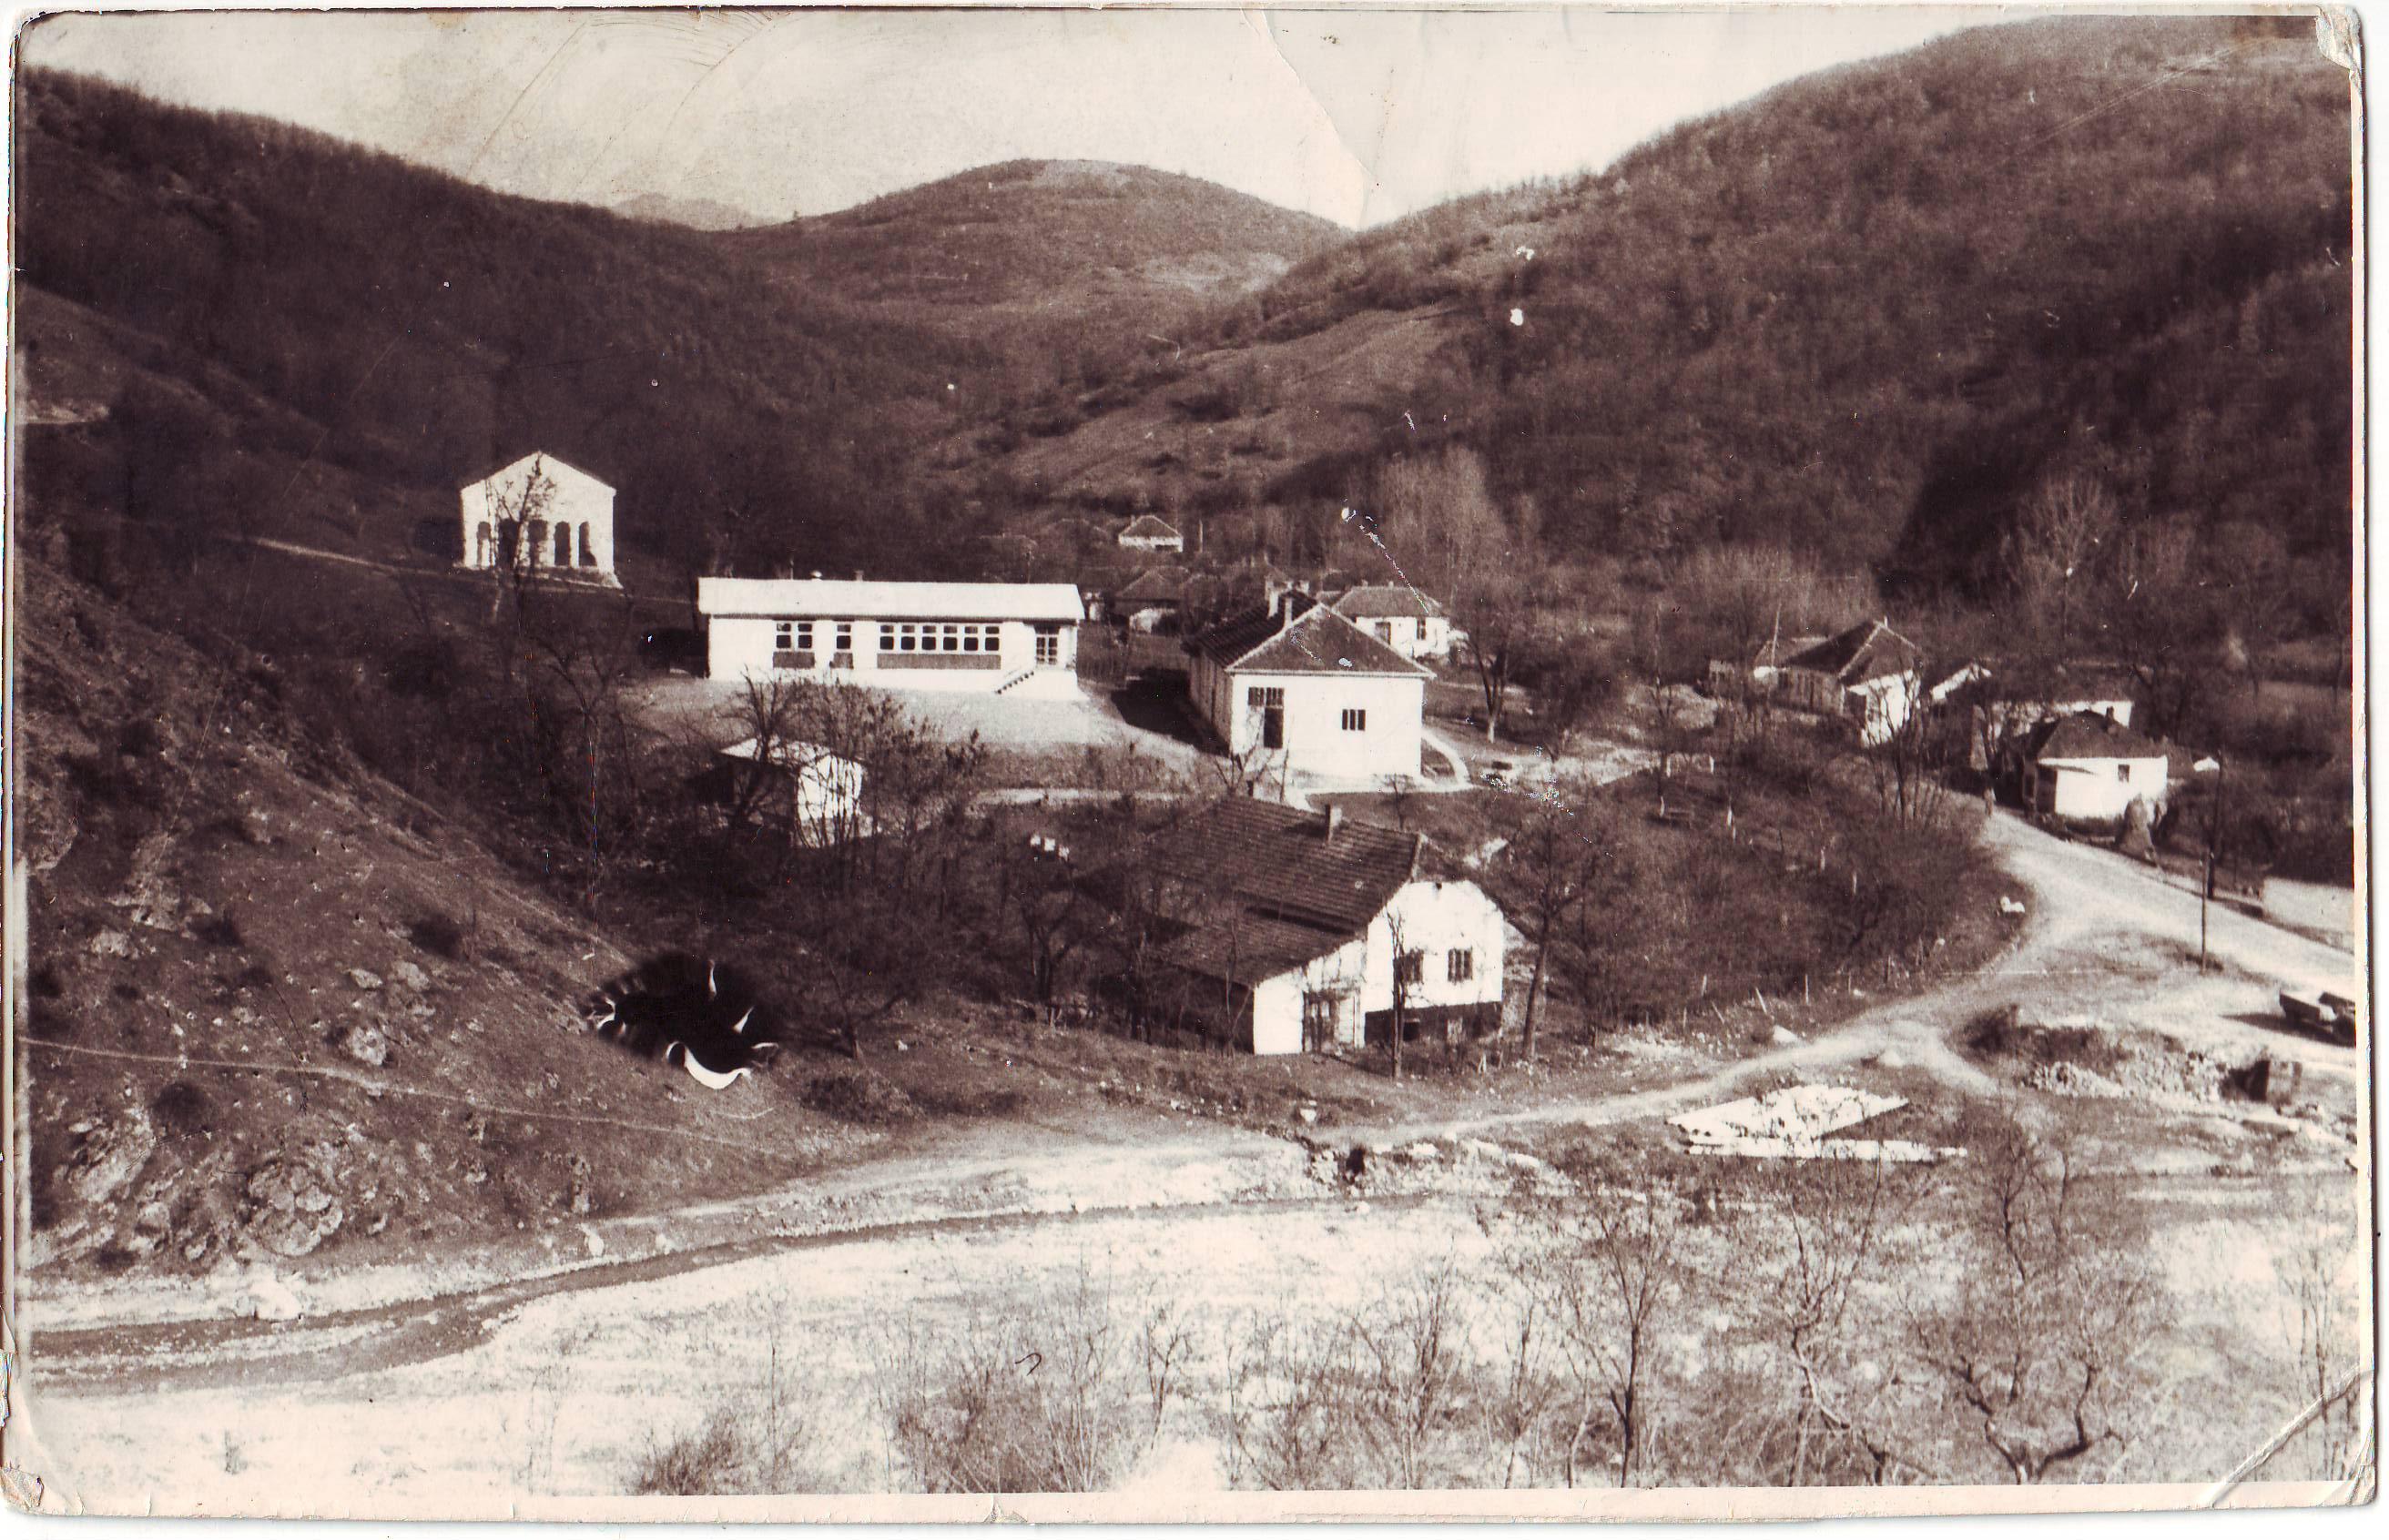 Фото запис 1975, село Крушевица (црква, школа и део села). Снимио: Мирослав Младеновић, наставник школе у Крушевици